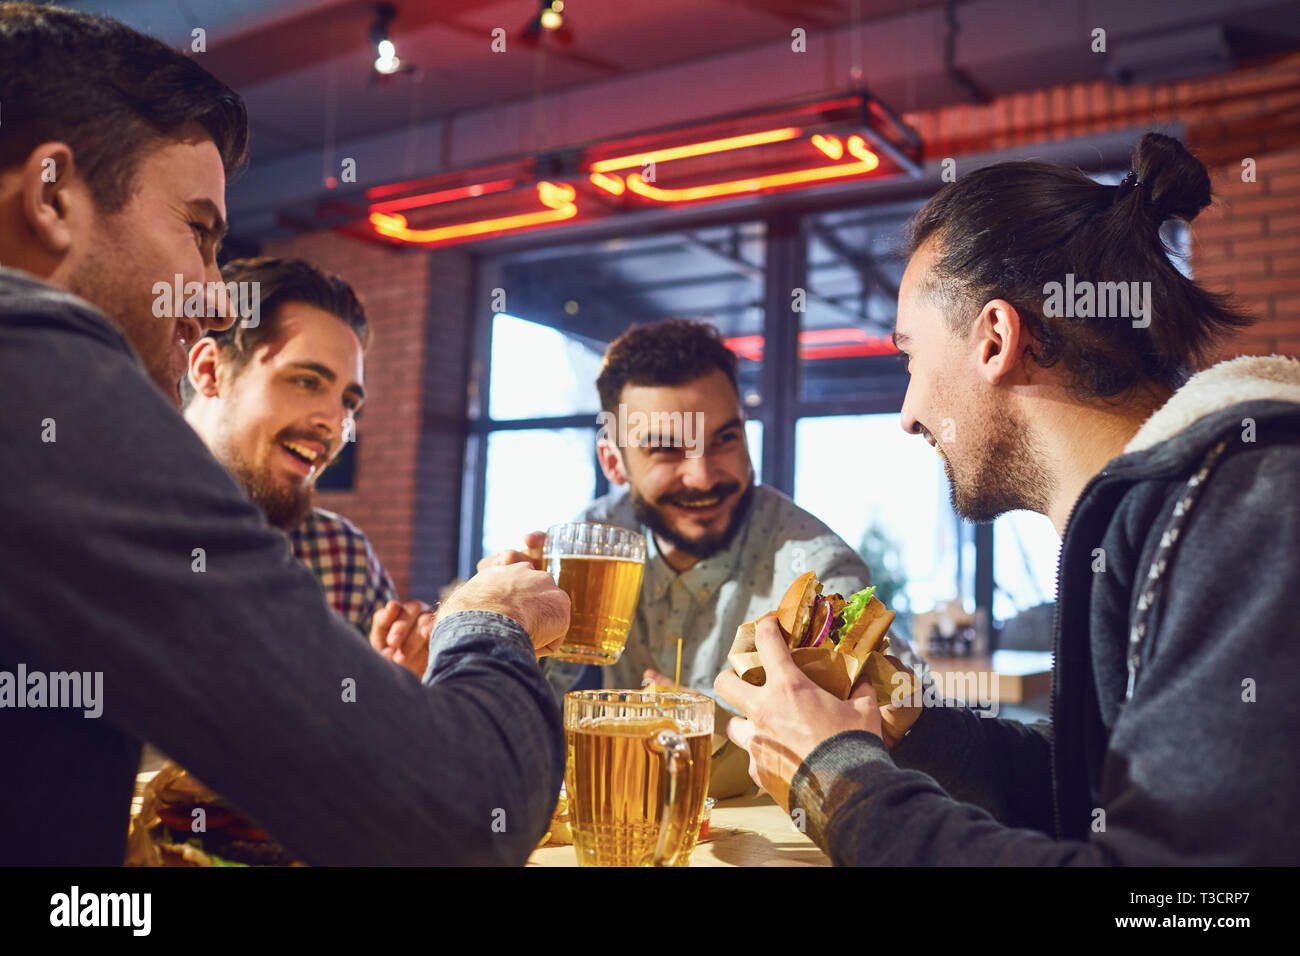 Feliz amigos comer hamburguesas, beber cerveza en un bar. Foto de stock